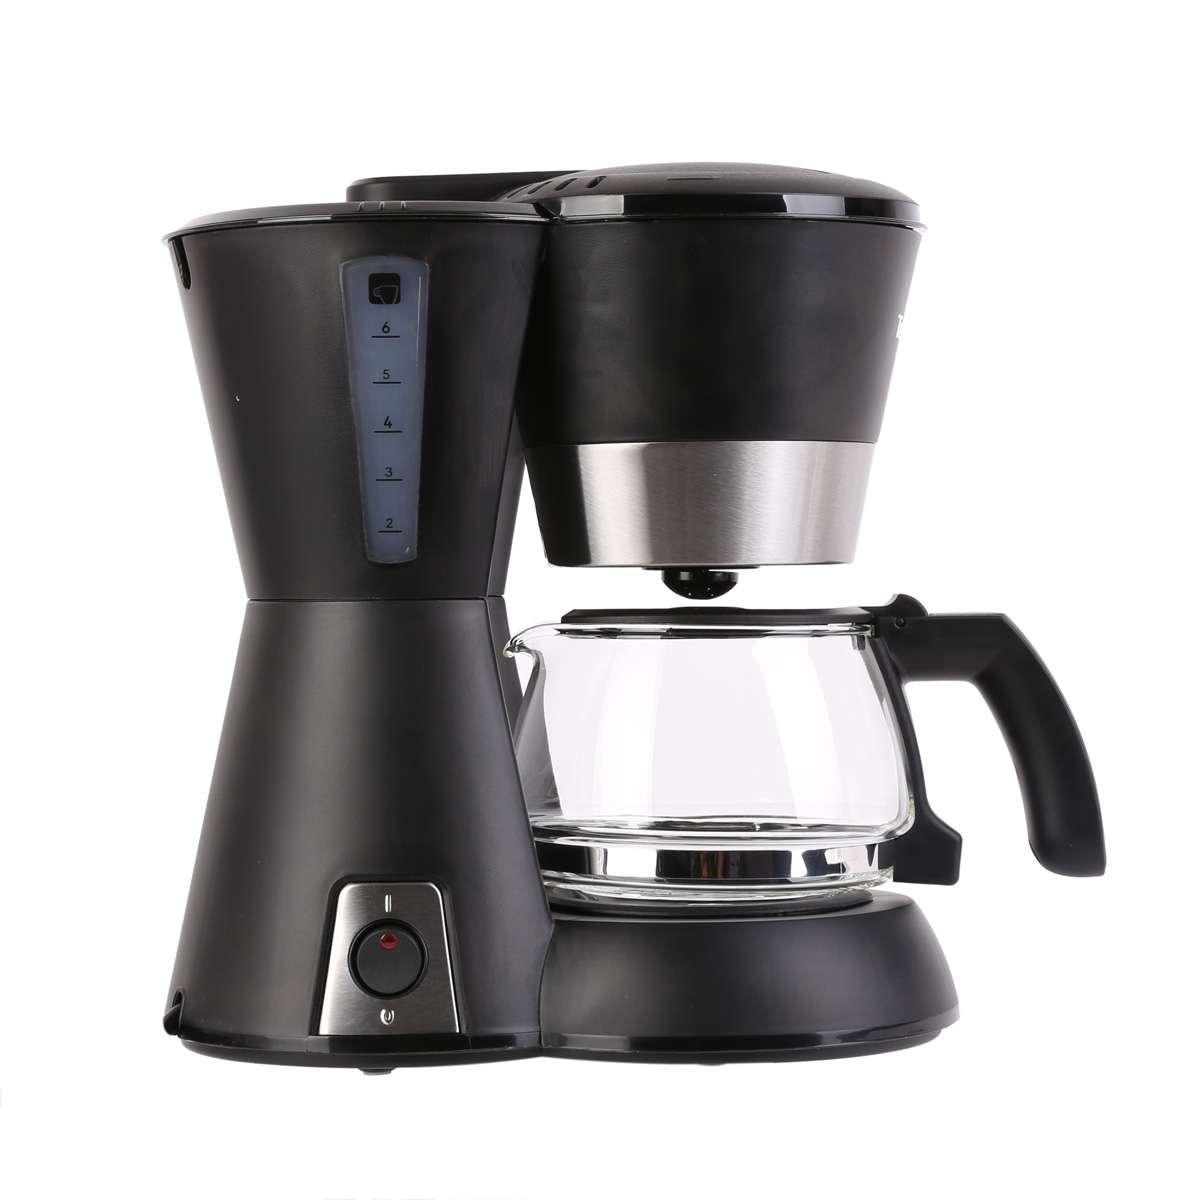 Máy pha cà phê mini nhỏ gọn tiện dụng